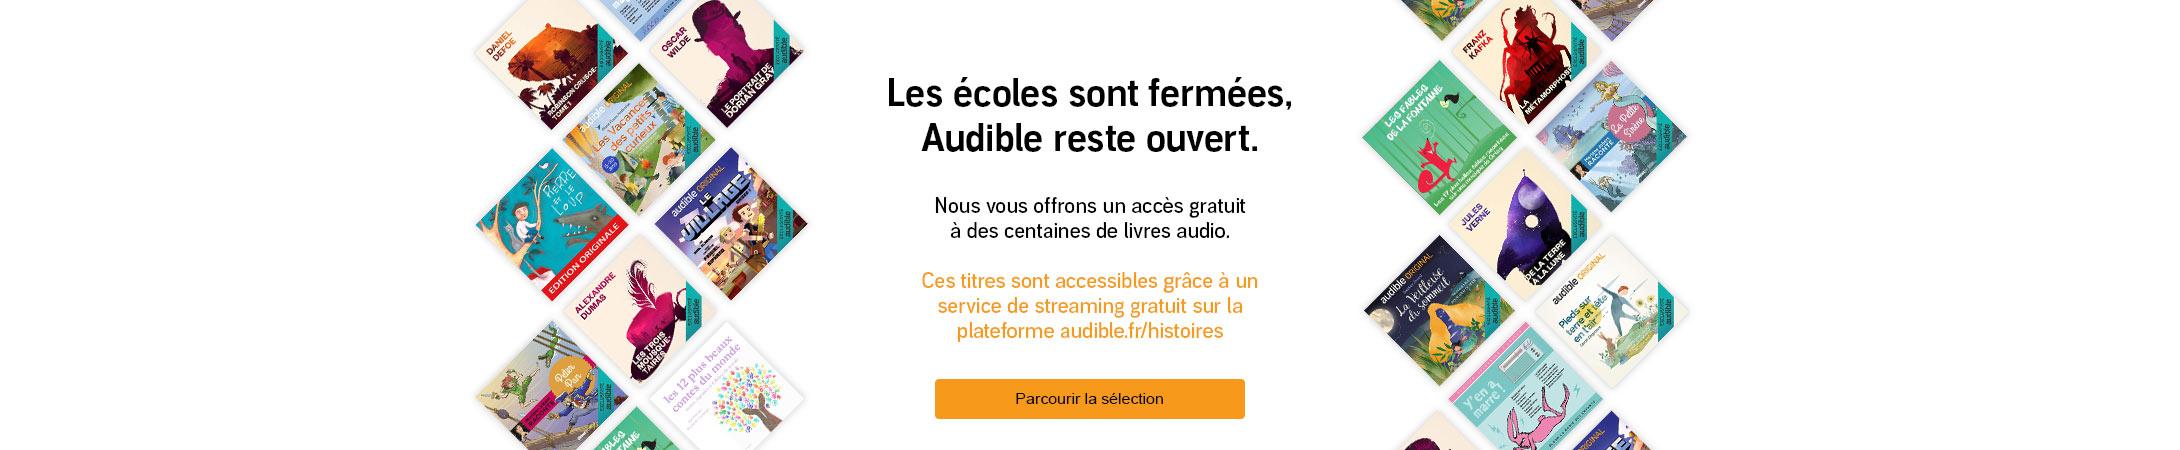 Les écoles sont fermées, Audible reste ouvert - Nous vous offrons un accès gratuit à des centaines de livres audio.